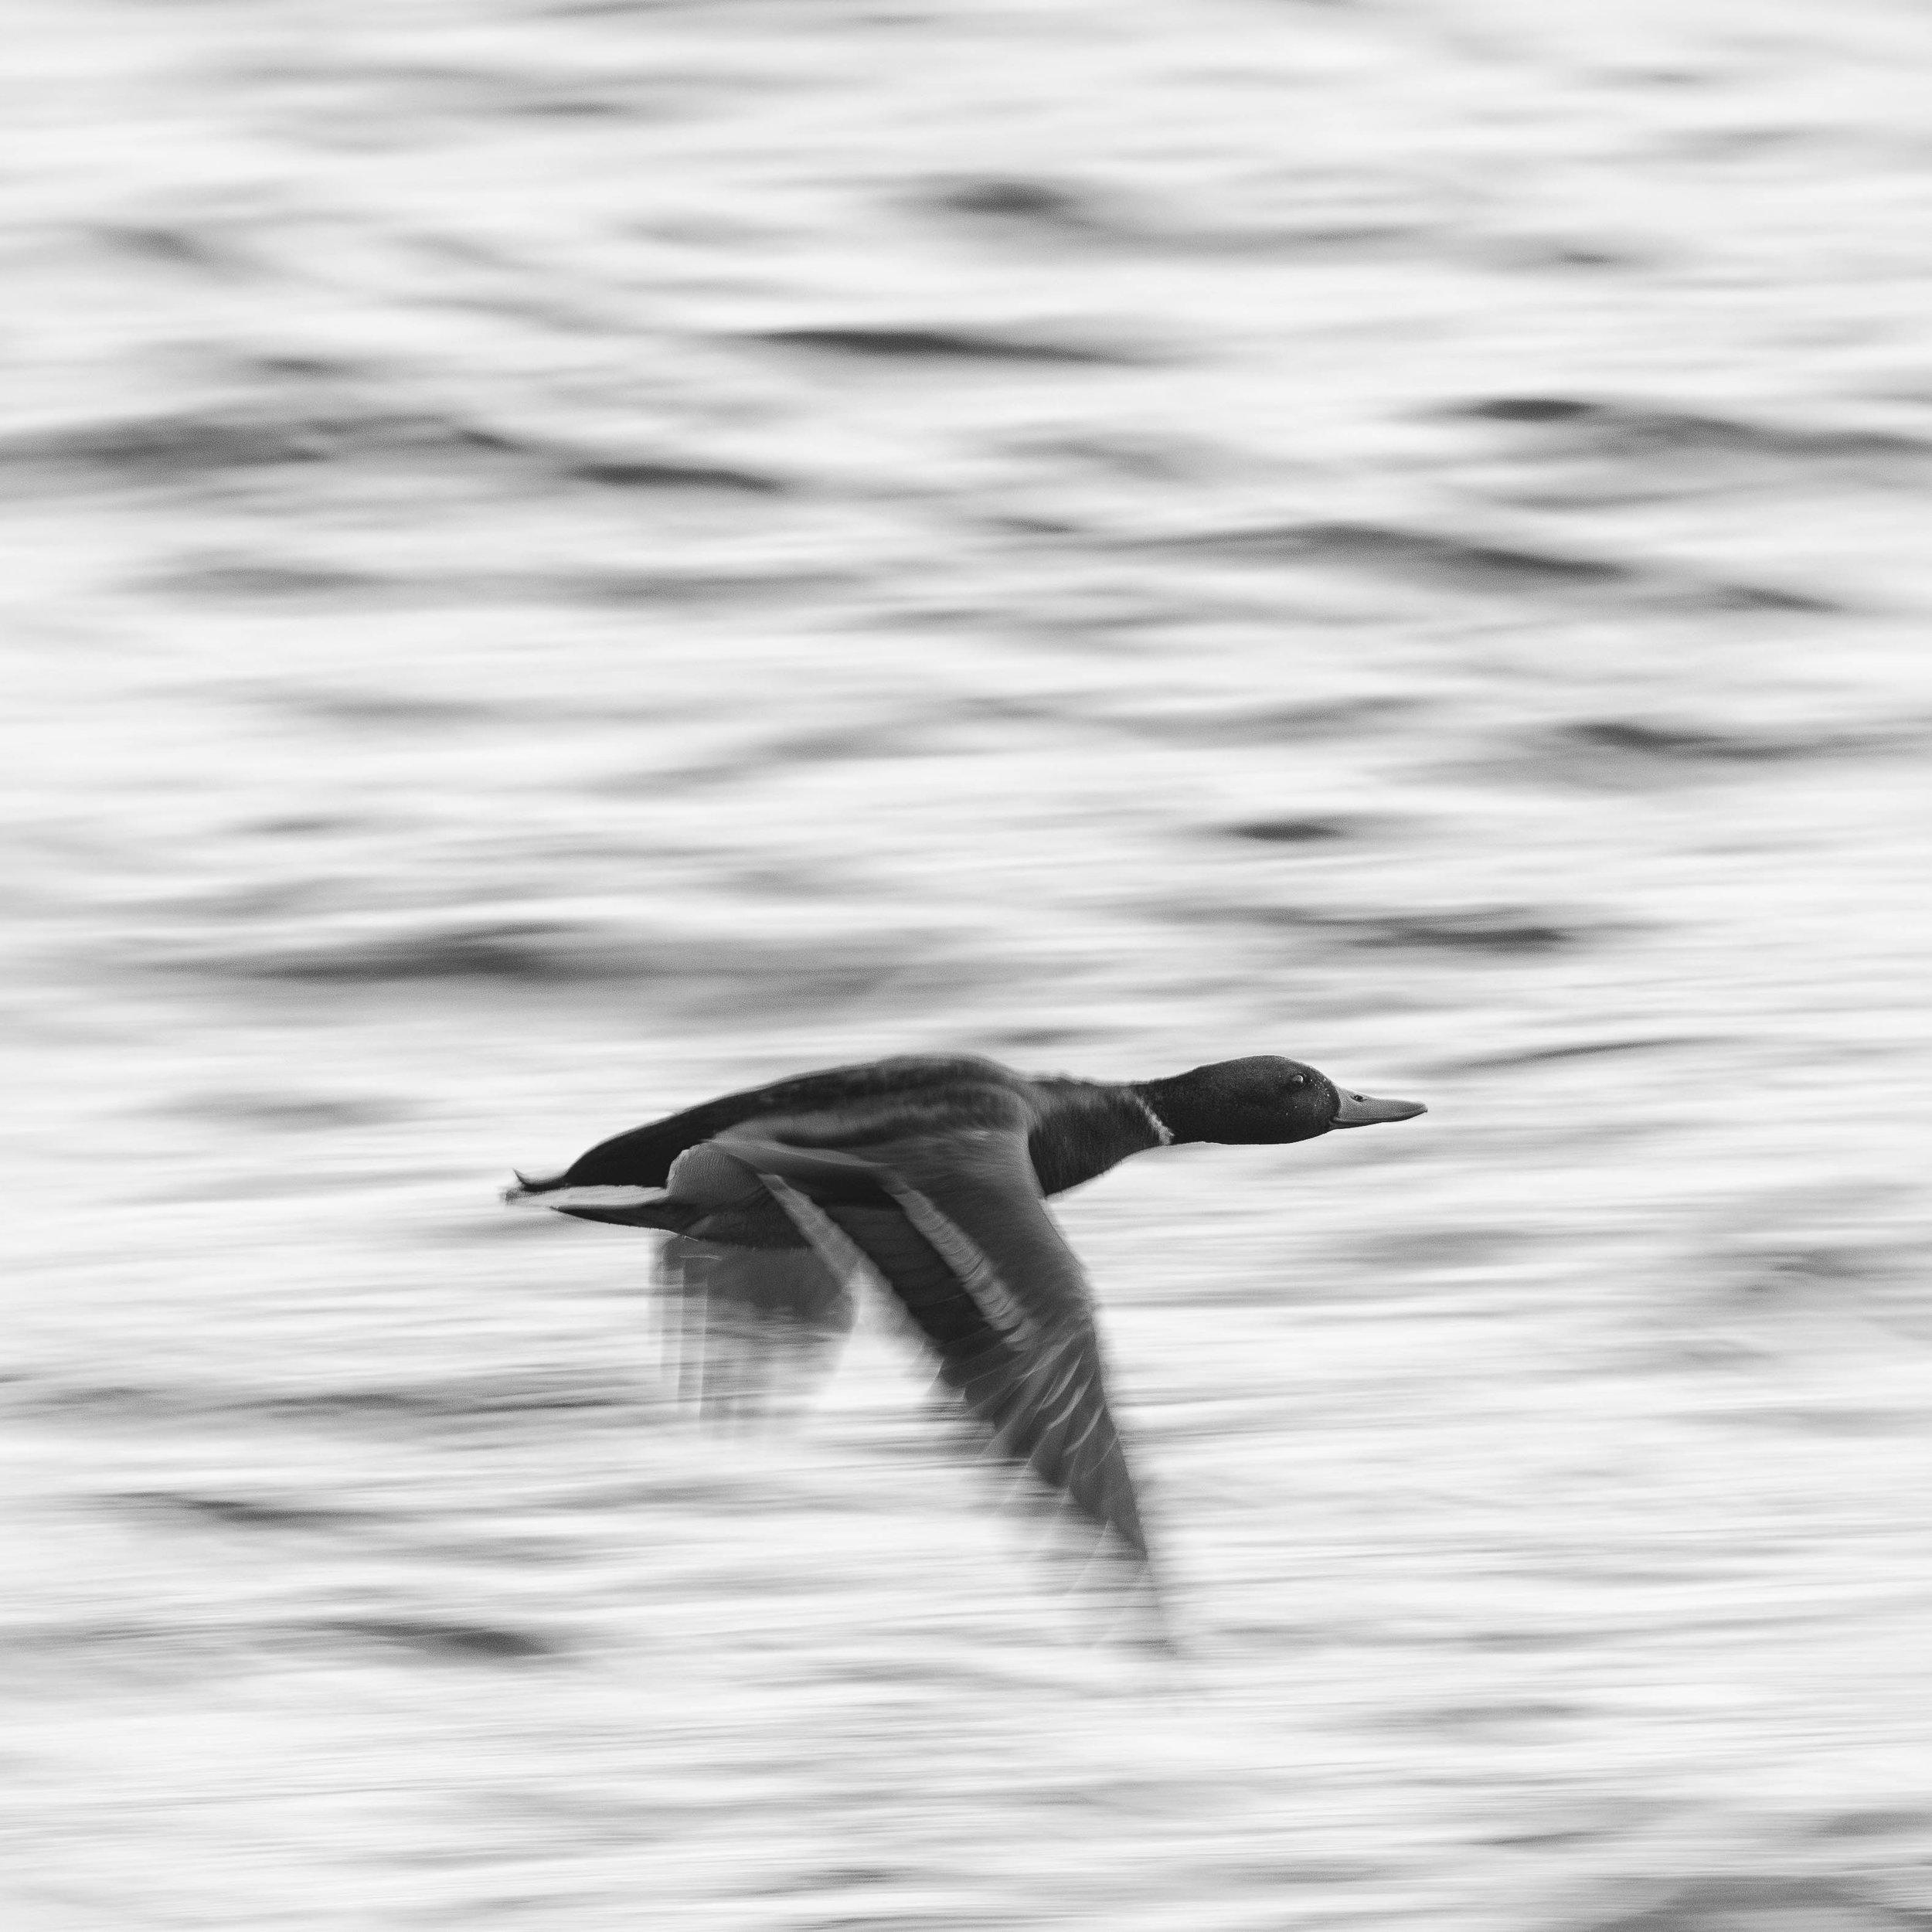 Mallard in fast flight